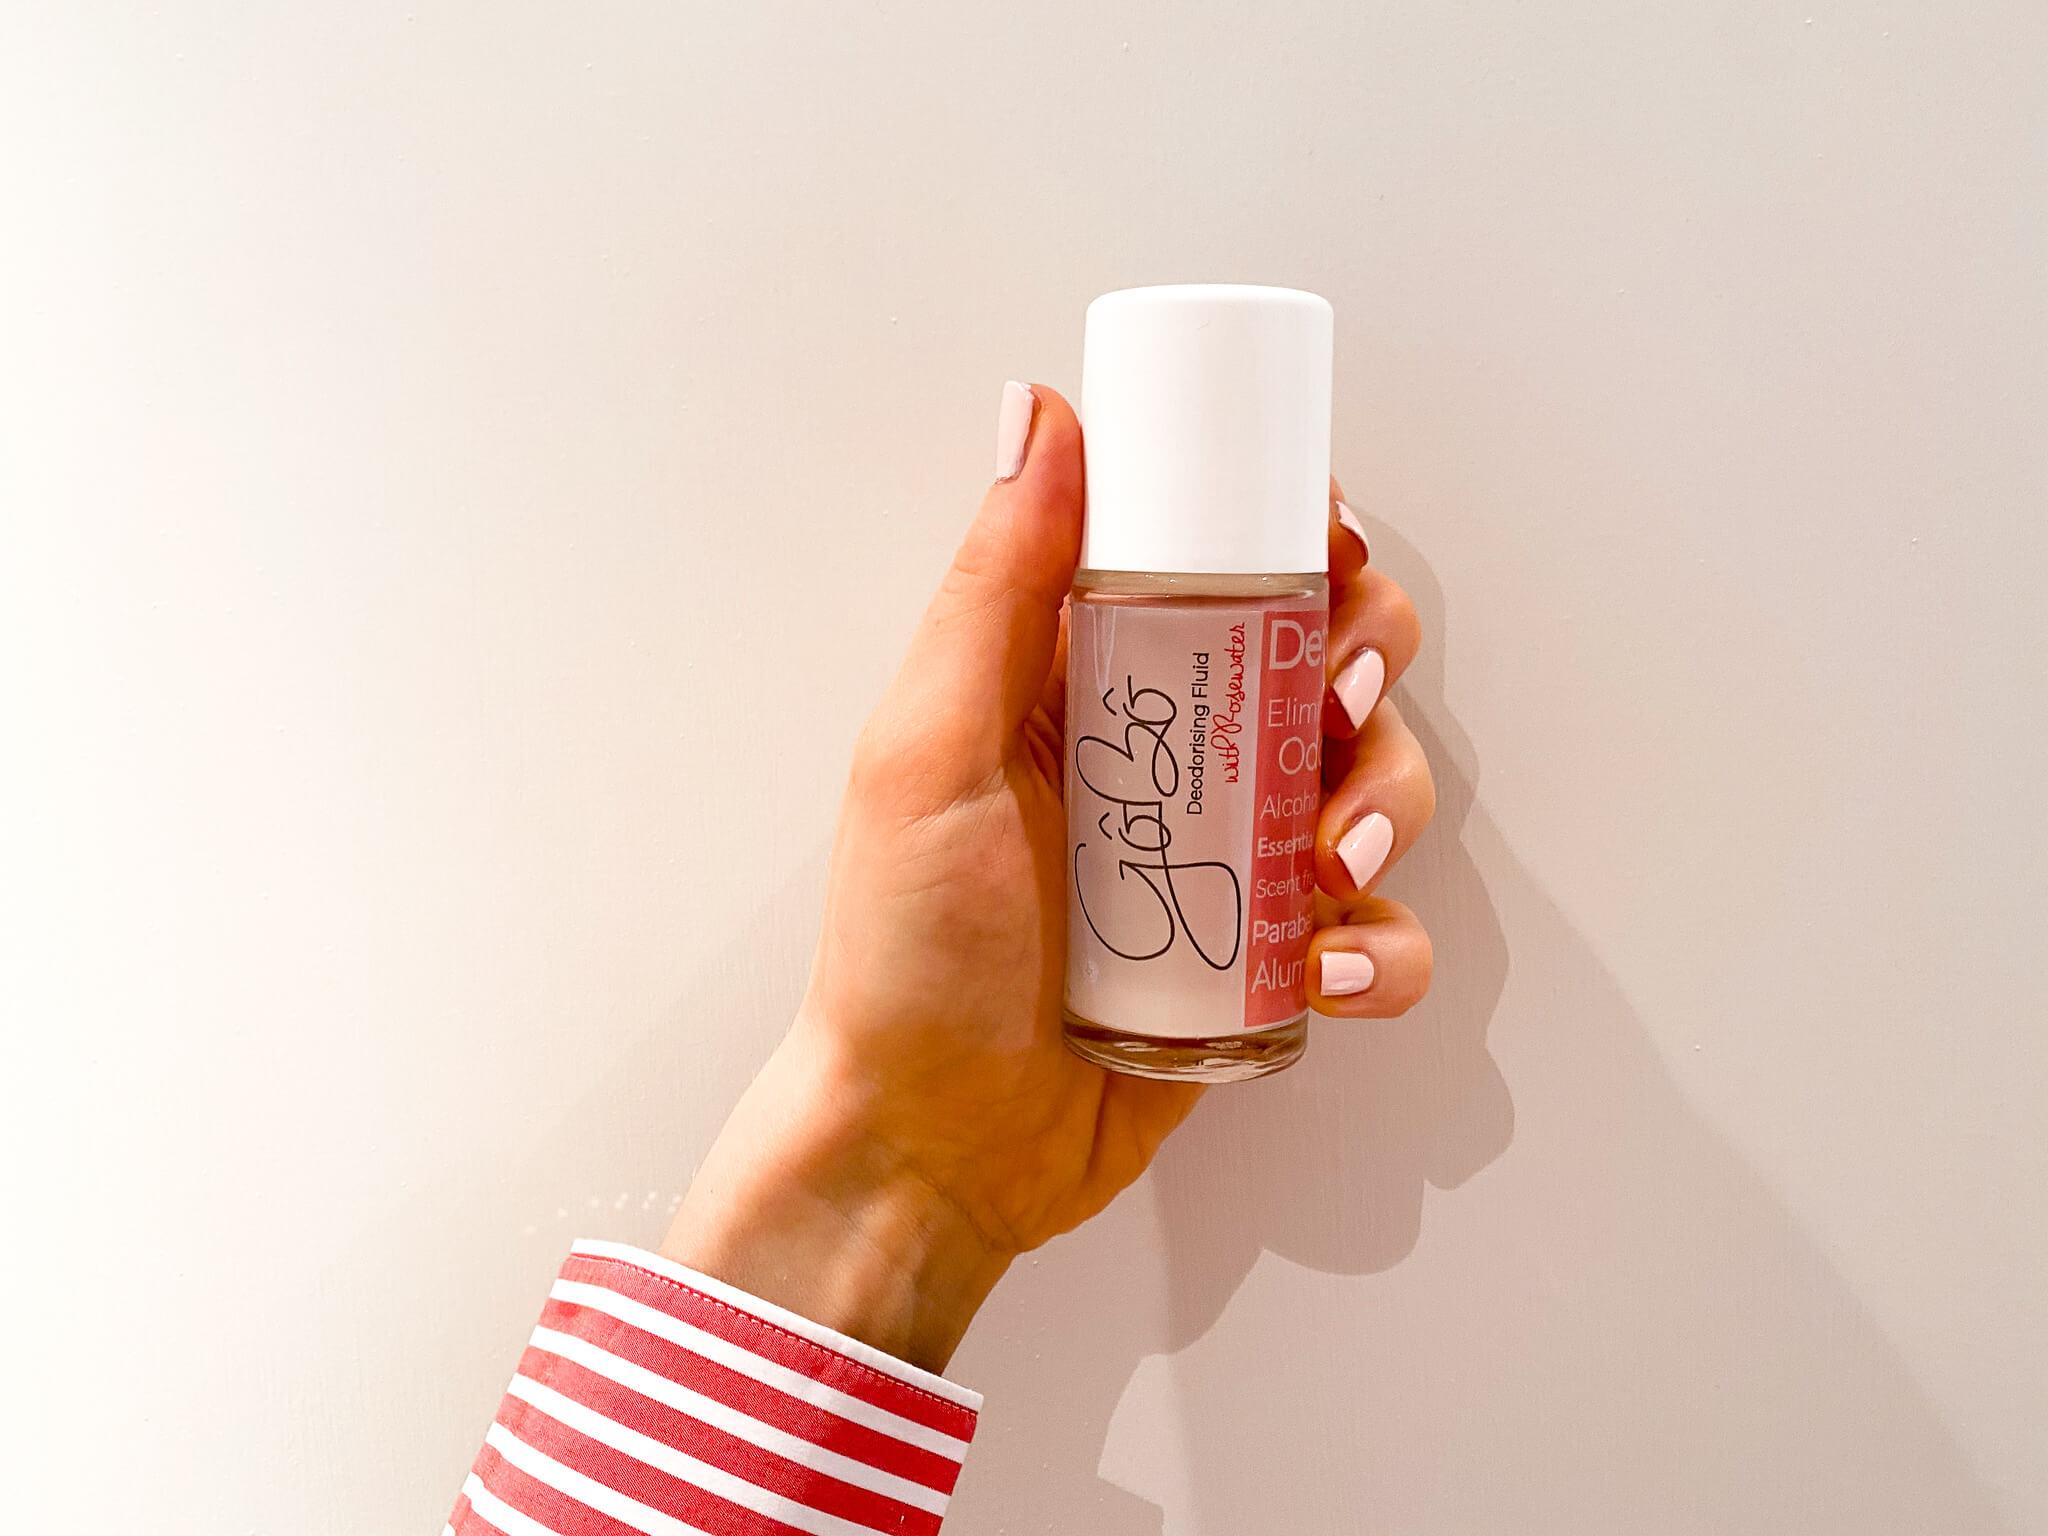 GoBo natural deodorant